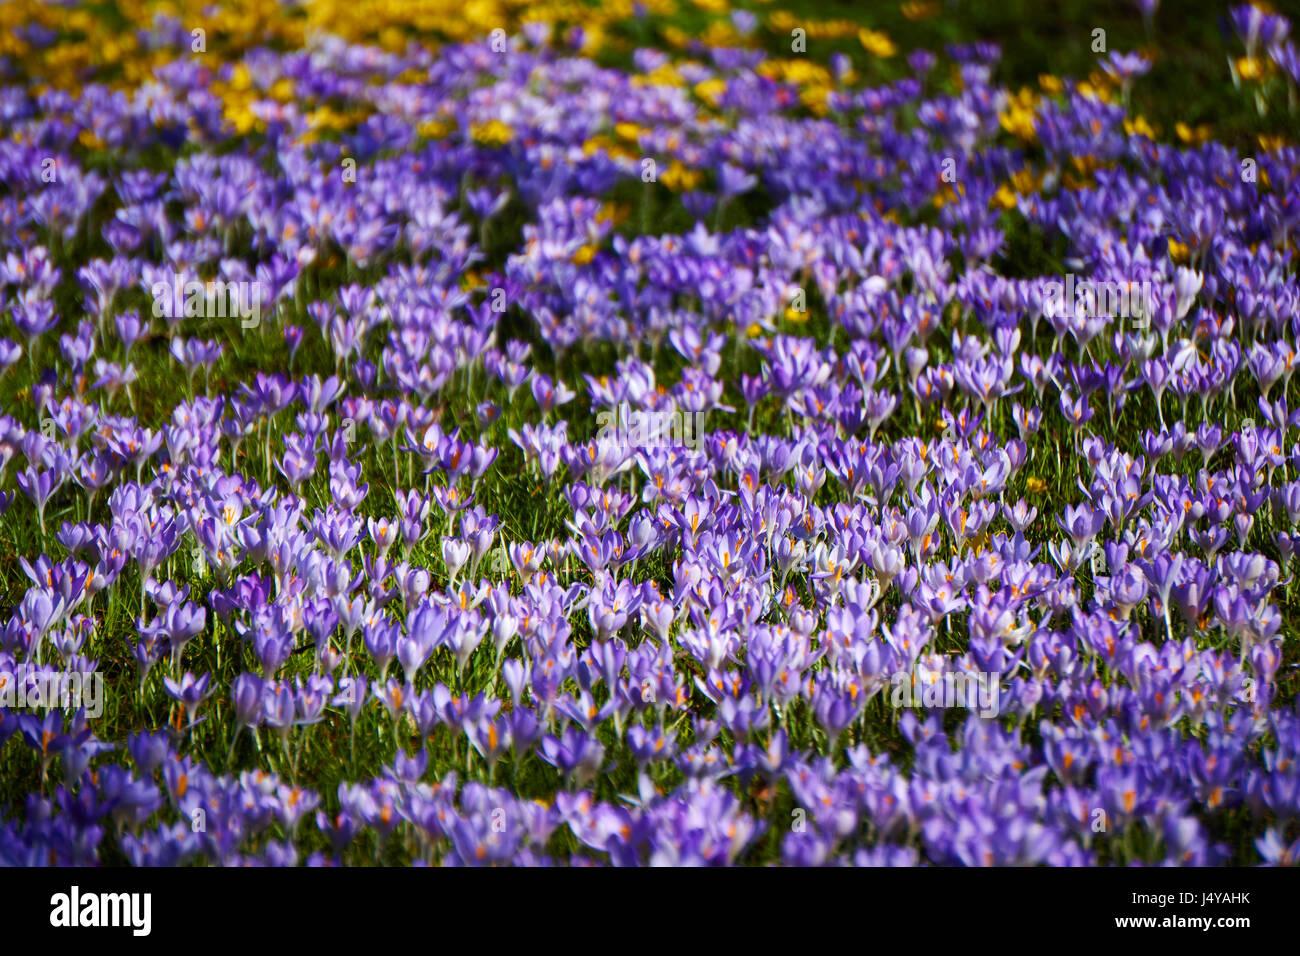 Saffron Field Stock Photos Saffron Field Stock Images Alamy